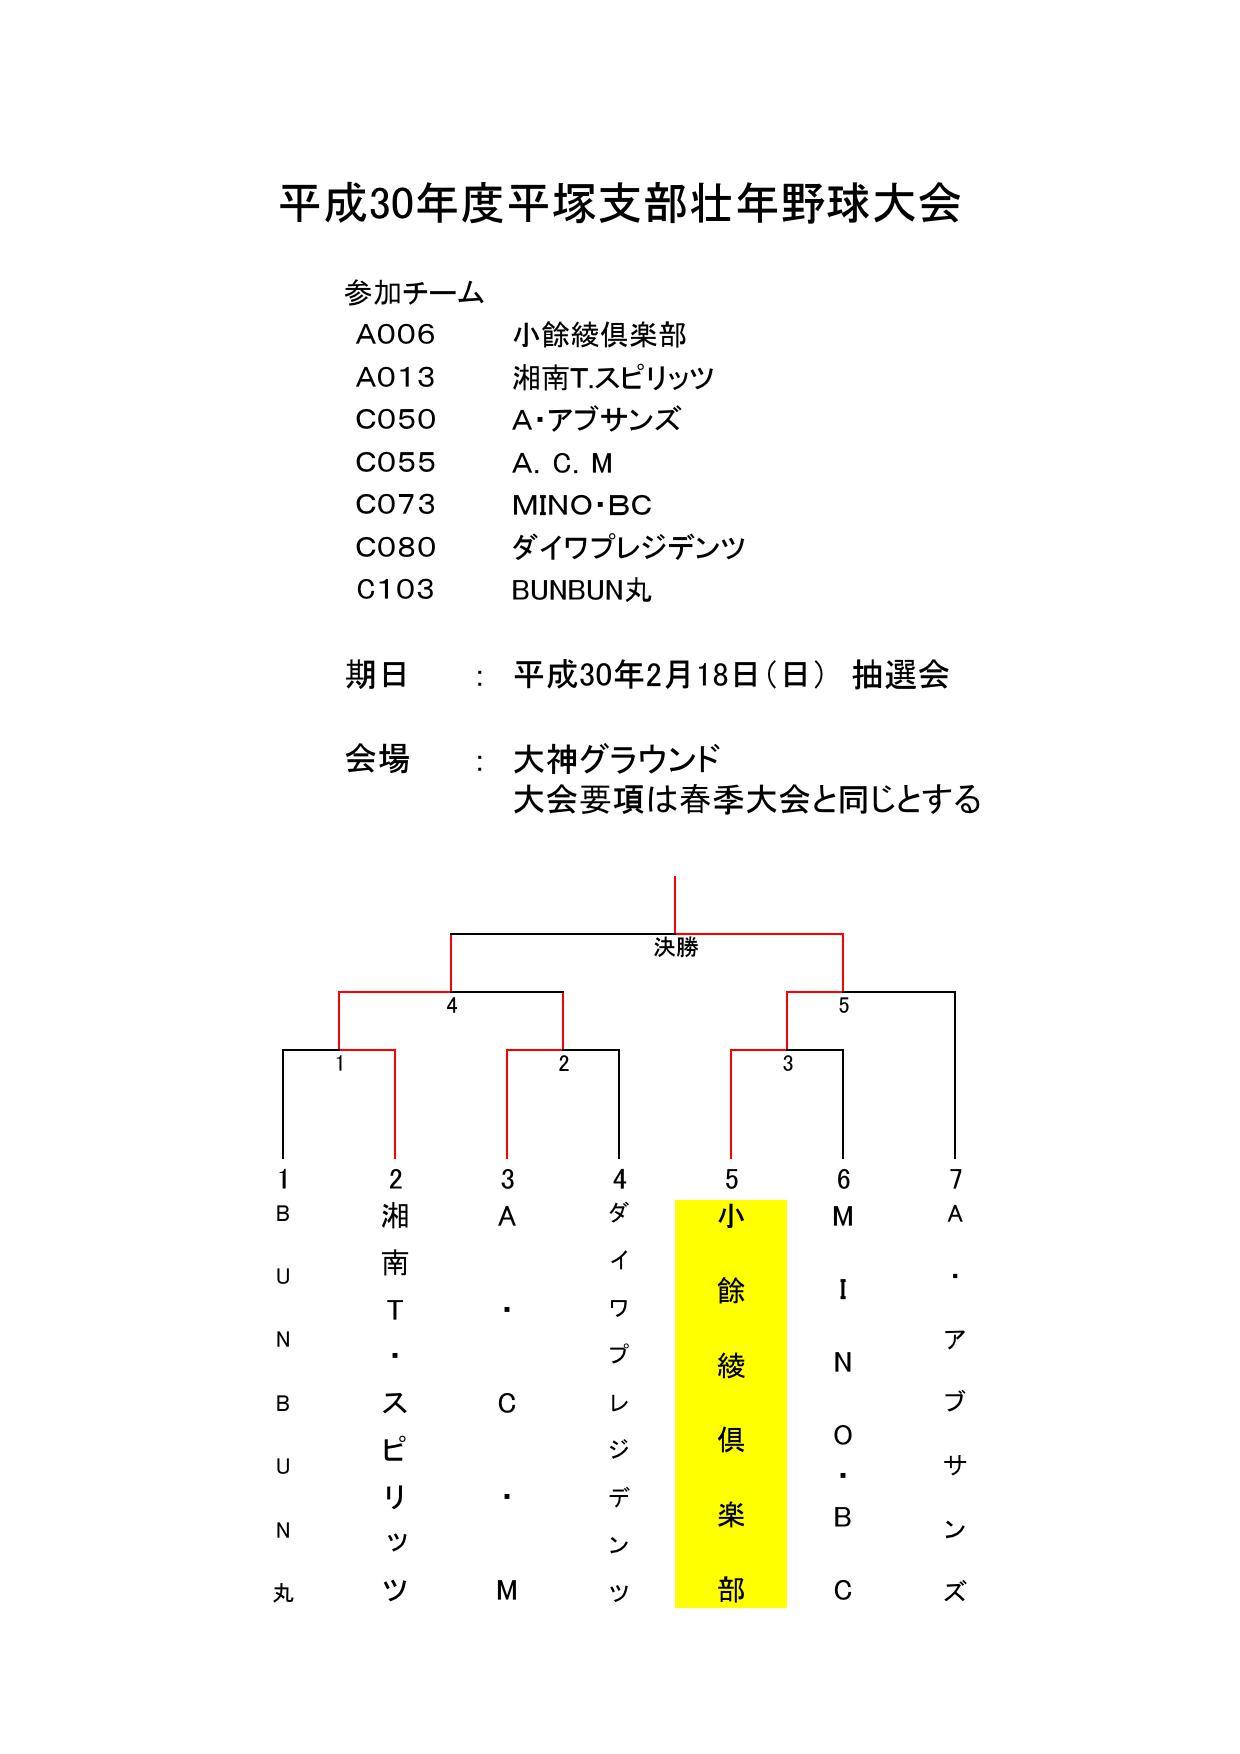 18soutorc_0916.jpg